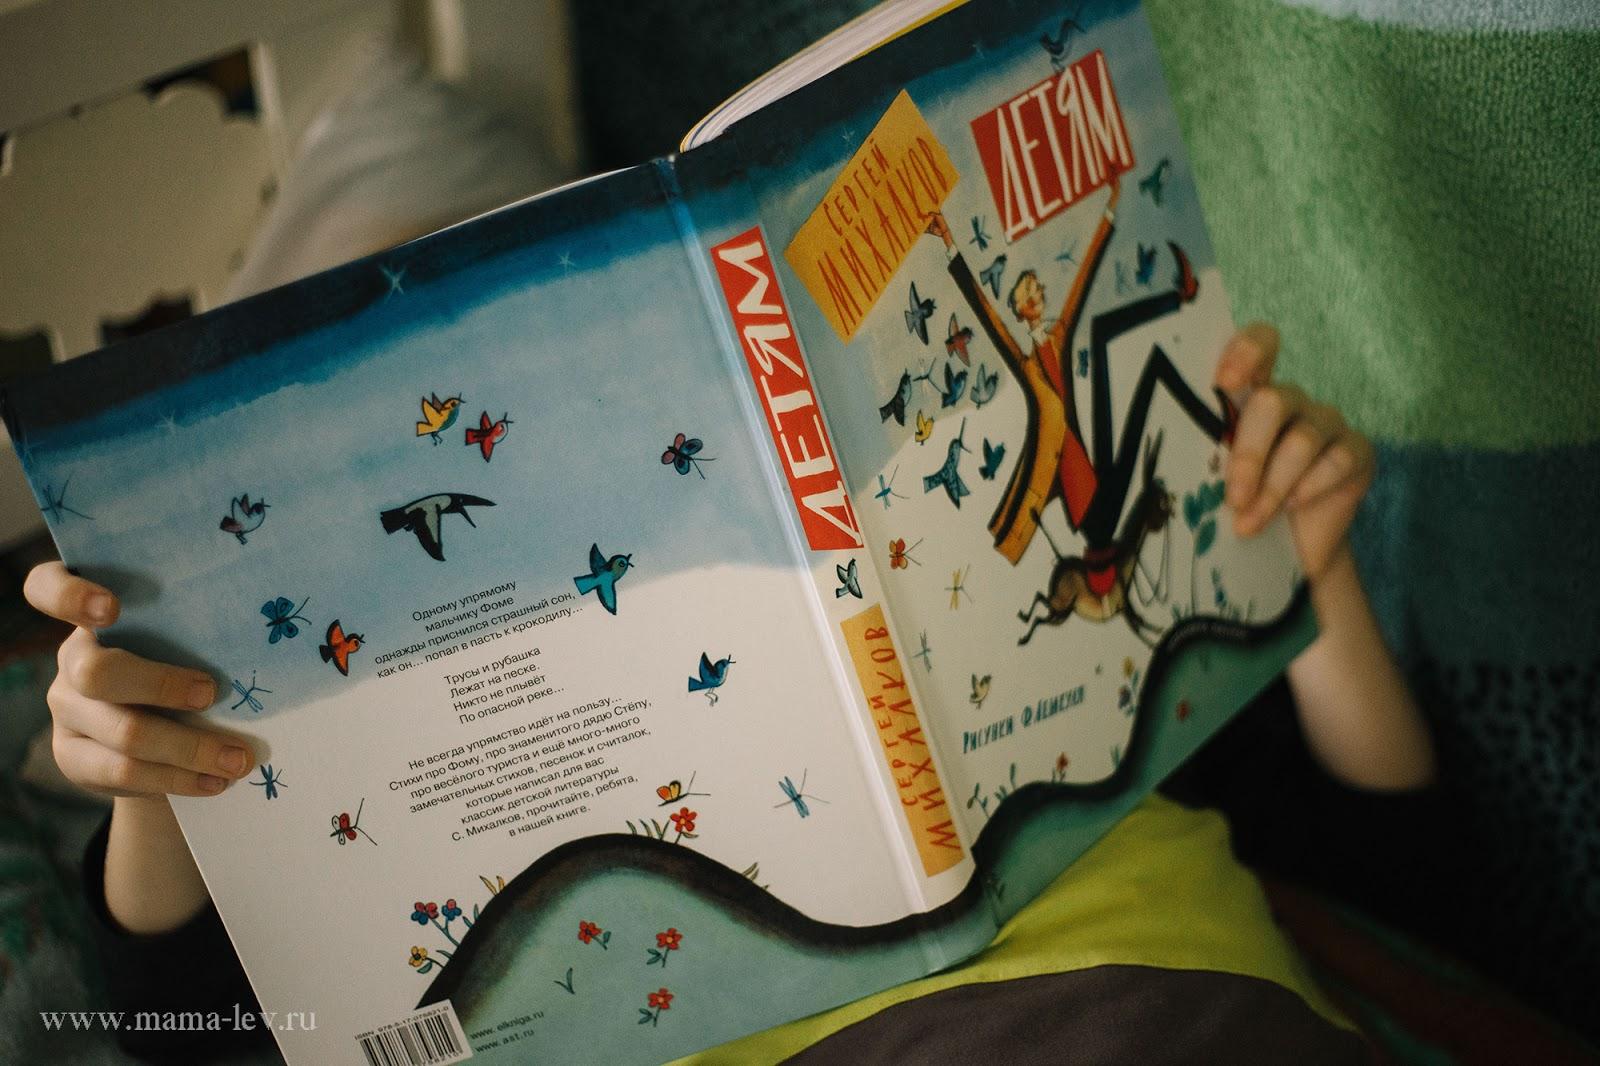 Скачать фильм Приключения Паддингтона 2 2017 через торрент